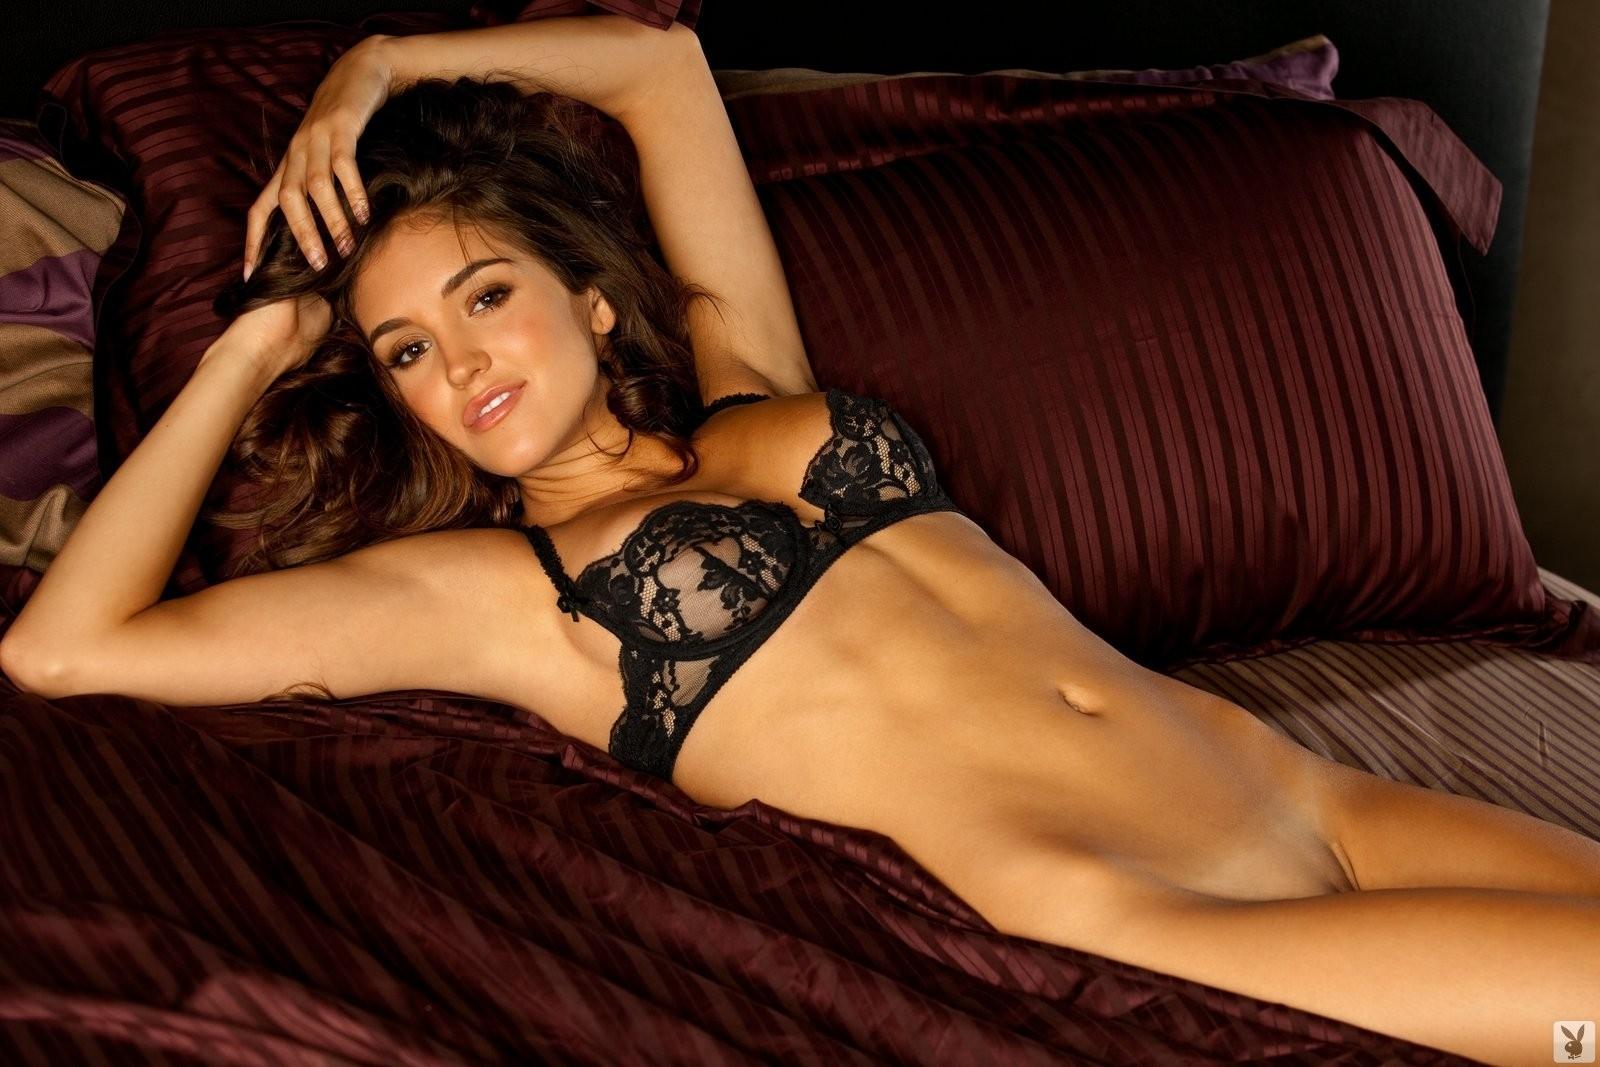 nude jaclyn swedberg Playboy playmate